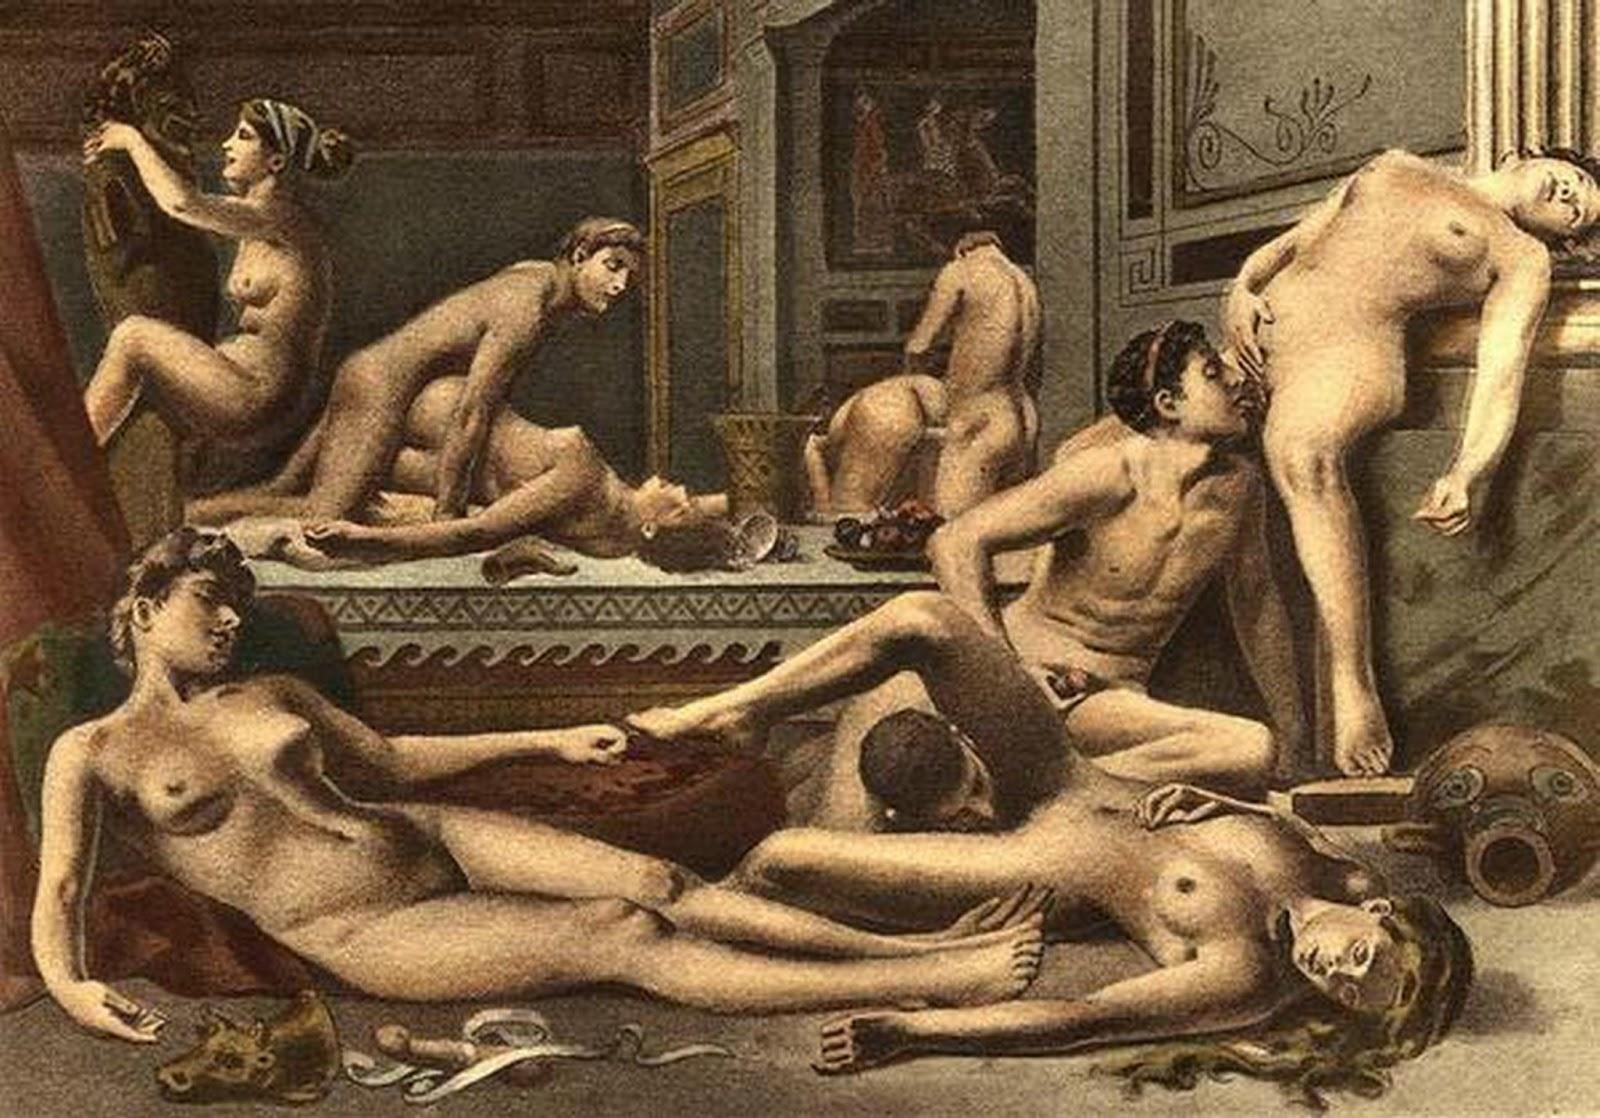 натуральное порно фото галереи